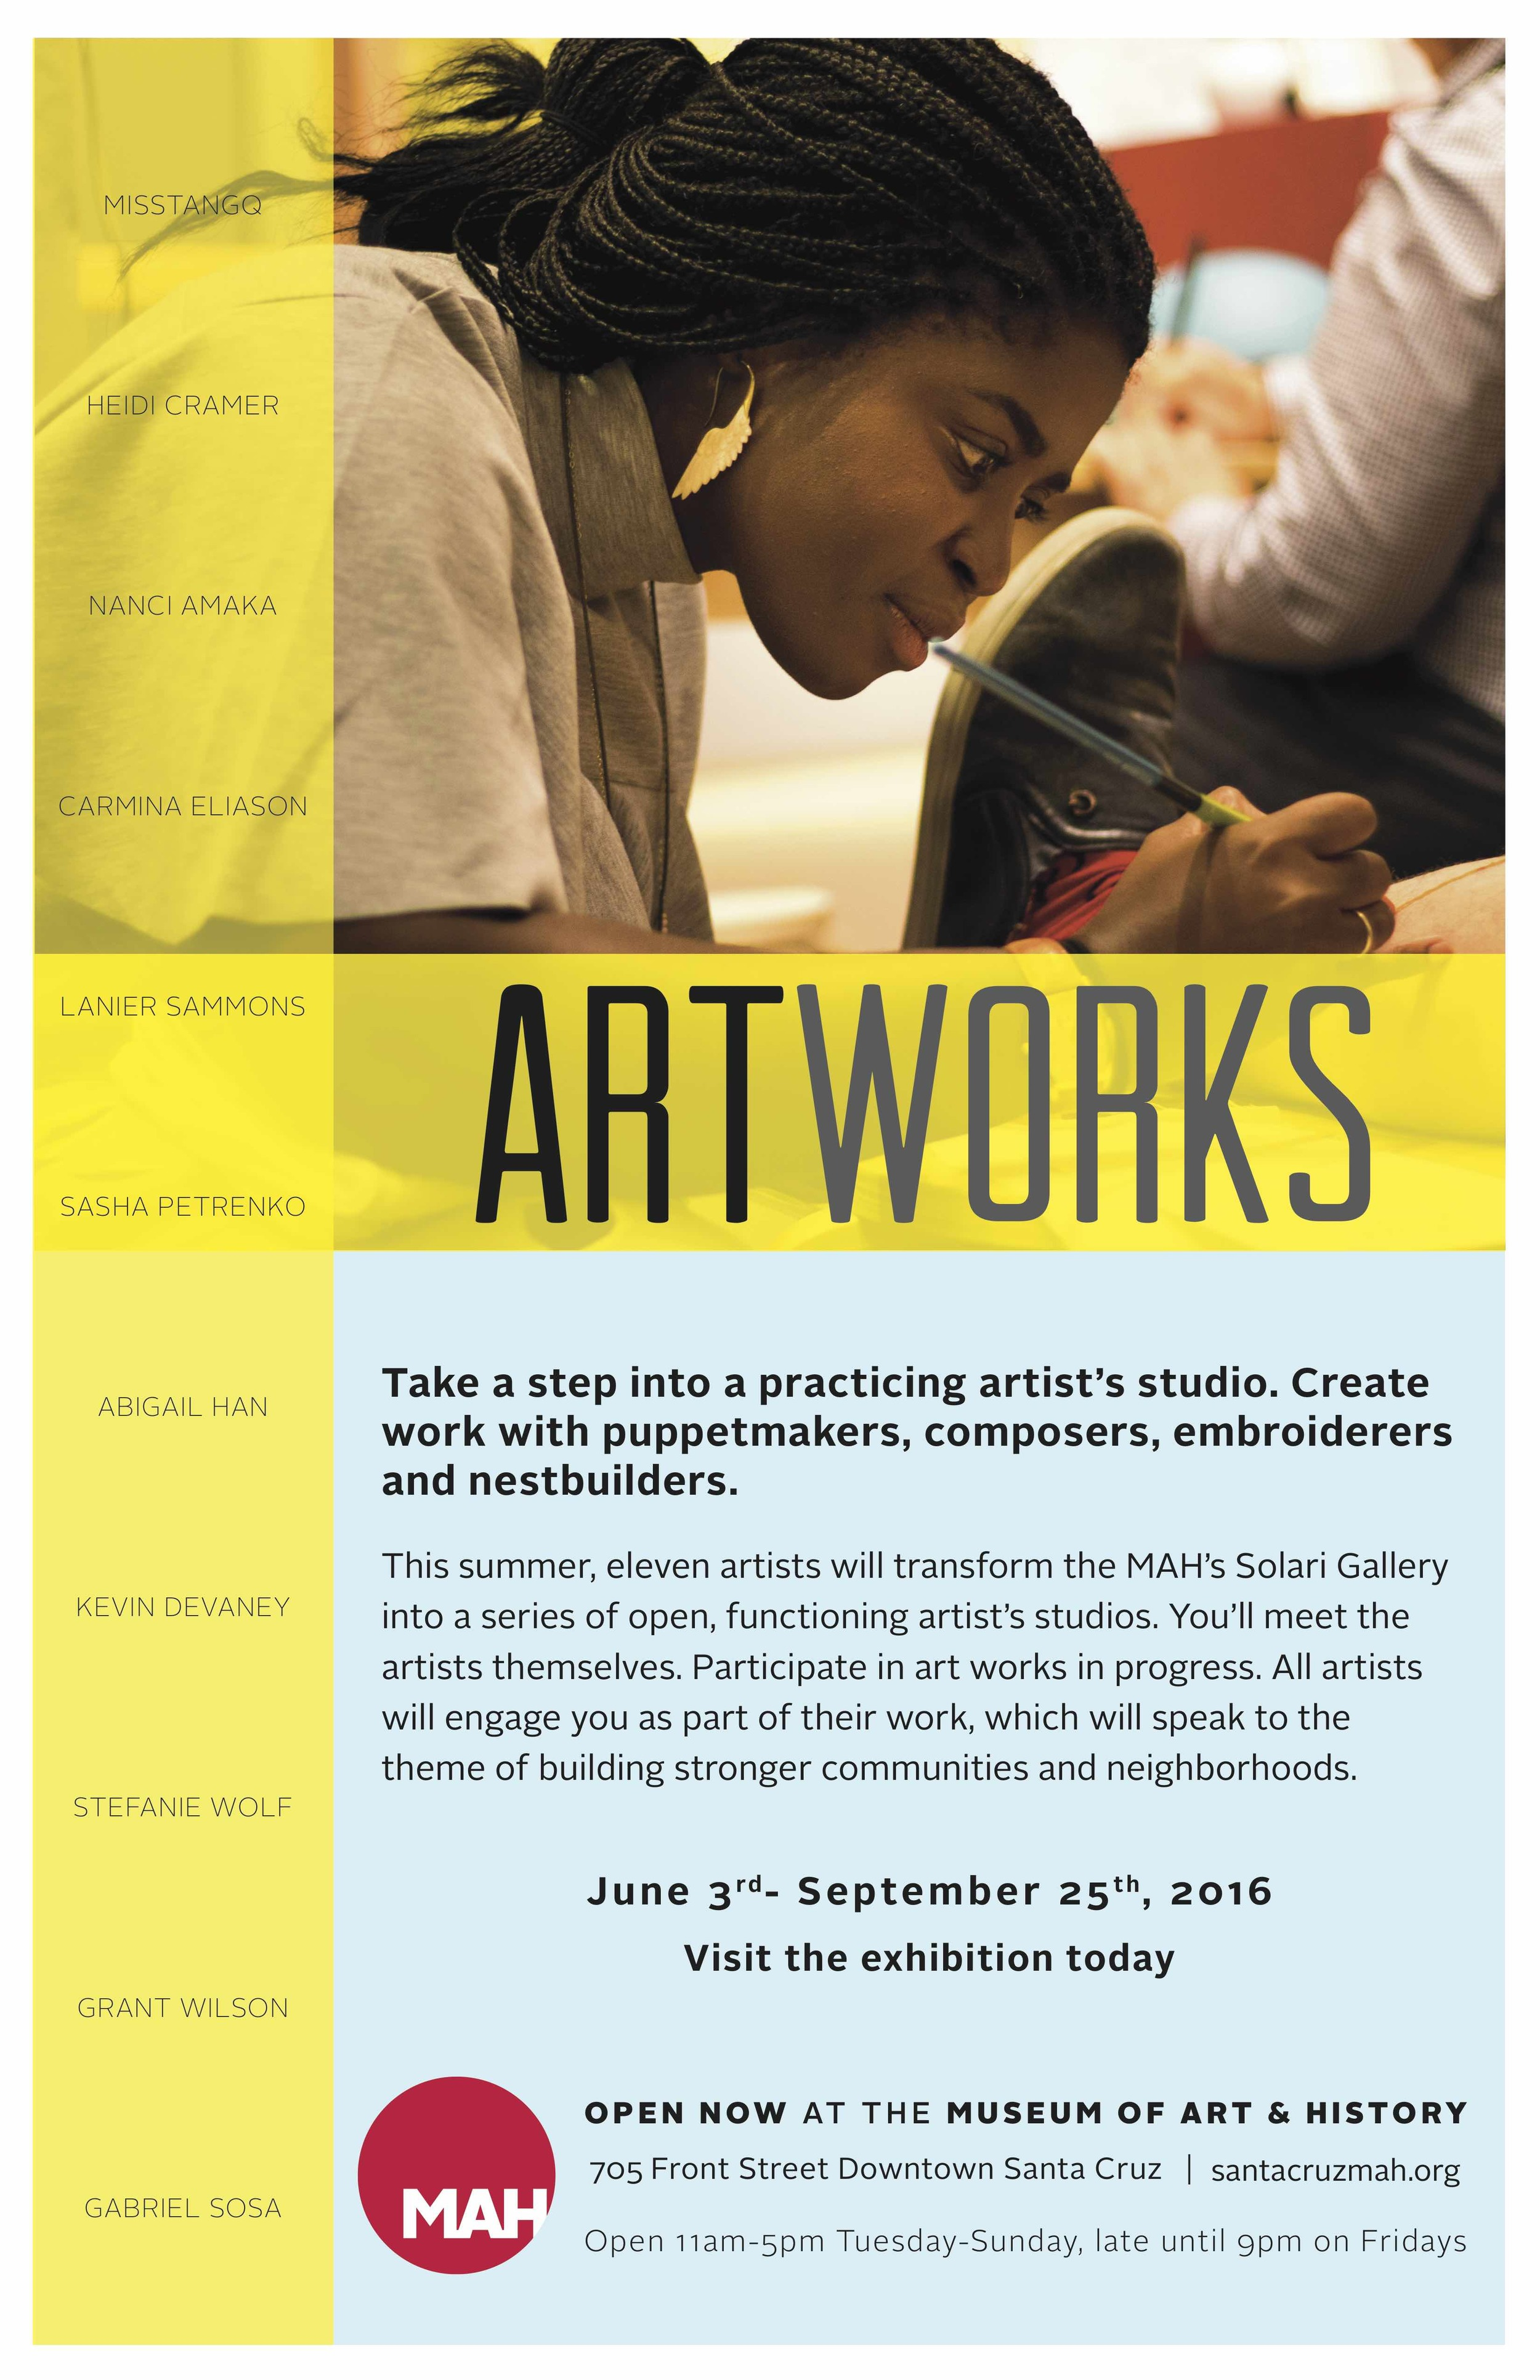 Art Works Poster 11x17.jpg